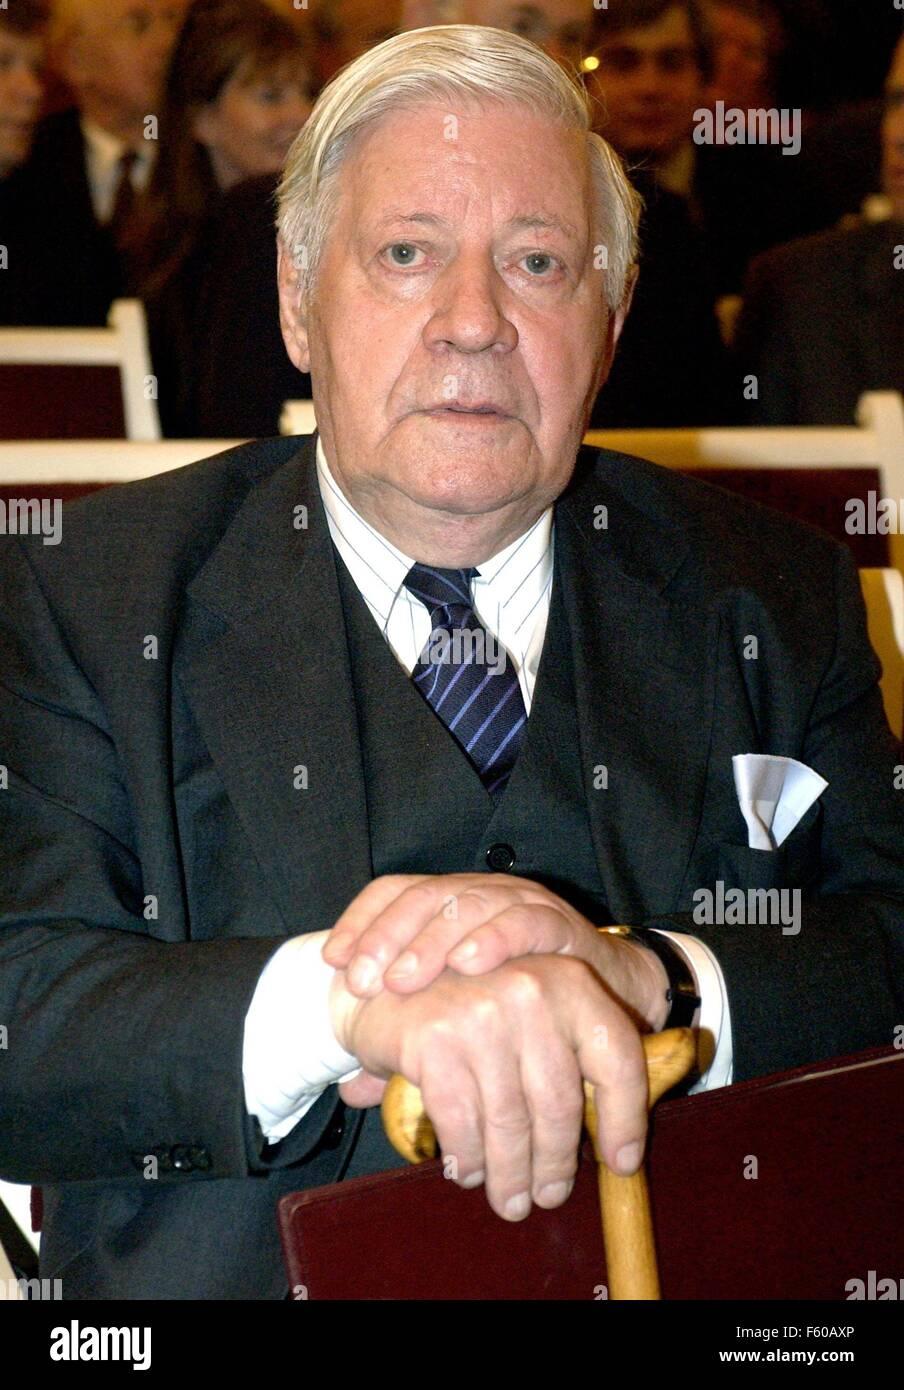 Helmut Schmidt, ancien chancelier (photo du 18 juin 2003) célèbre son 85e anniversaire le 23 décembre 2003. Banque D'Images